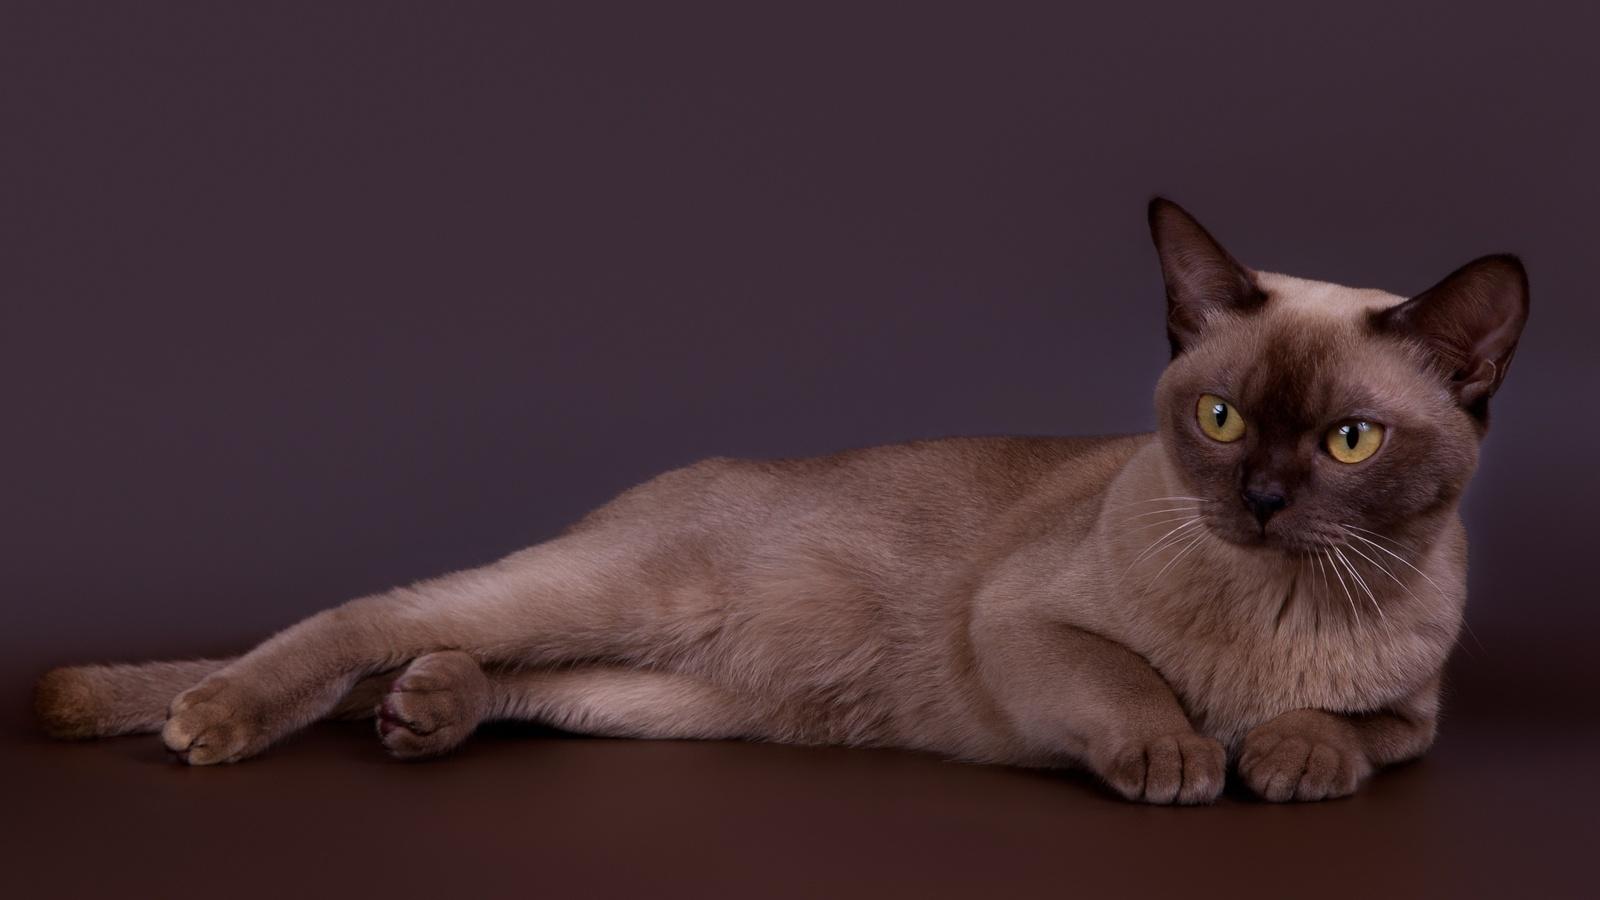 красивый, породистый, коричневый, кот, на, сером, фоне